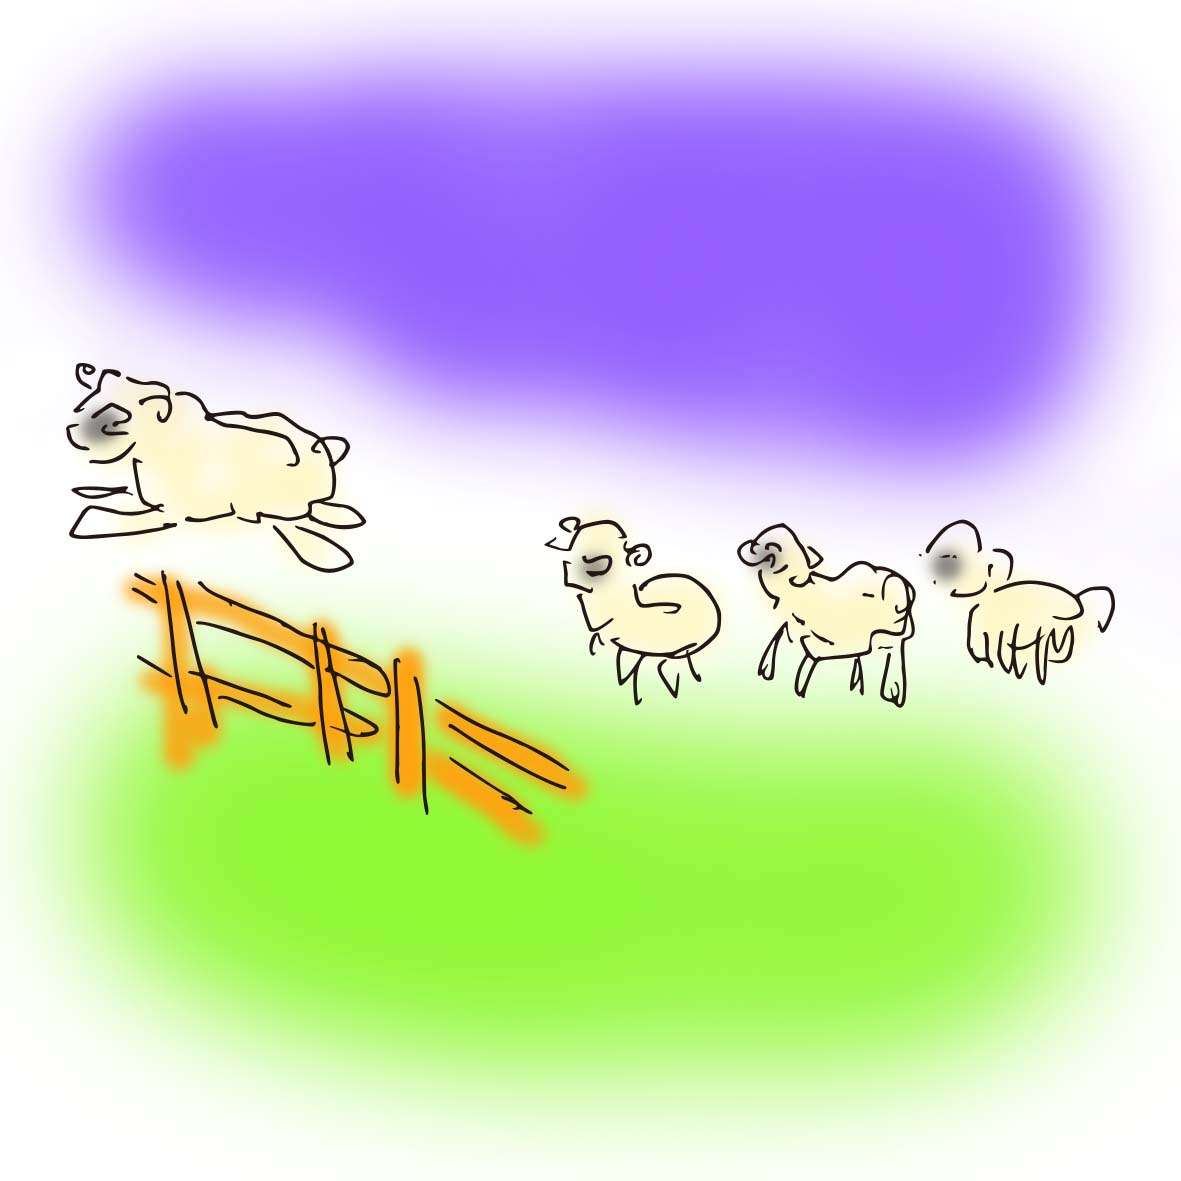 数え方挿絵3